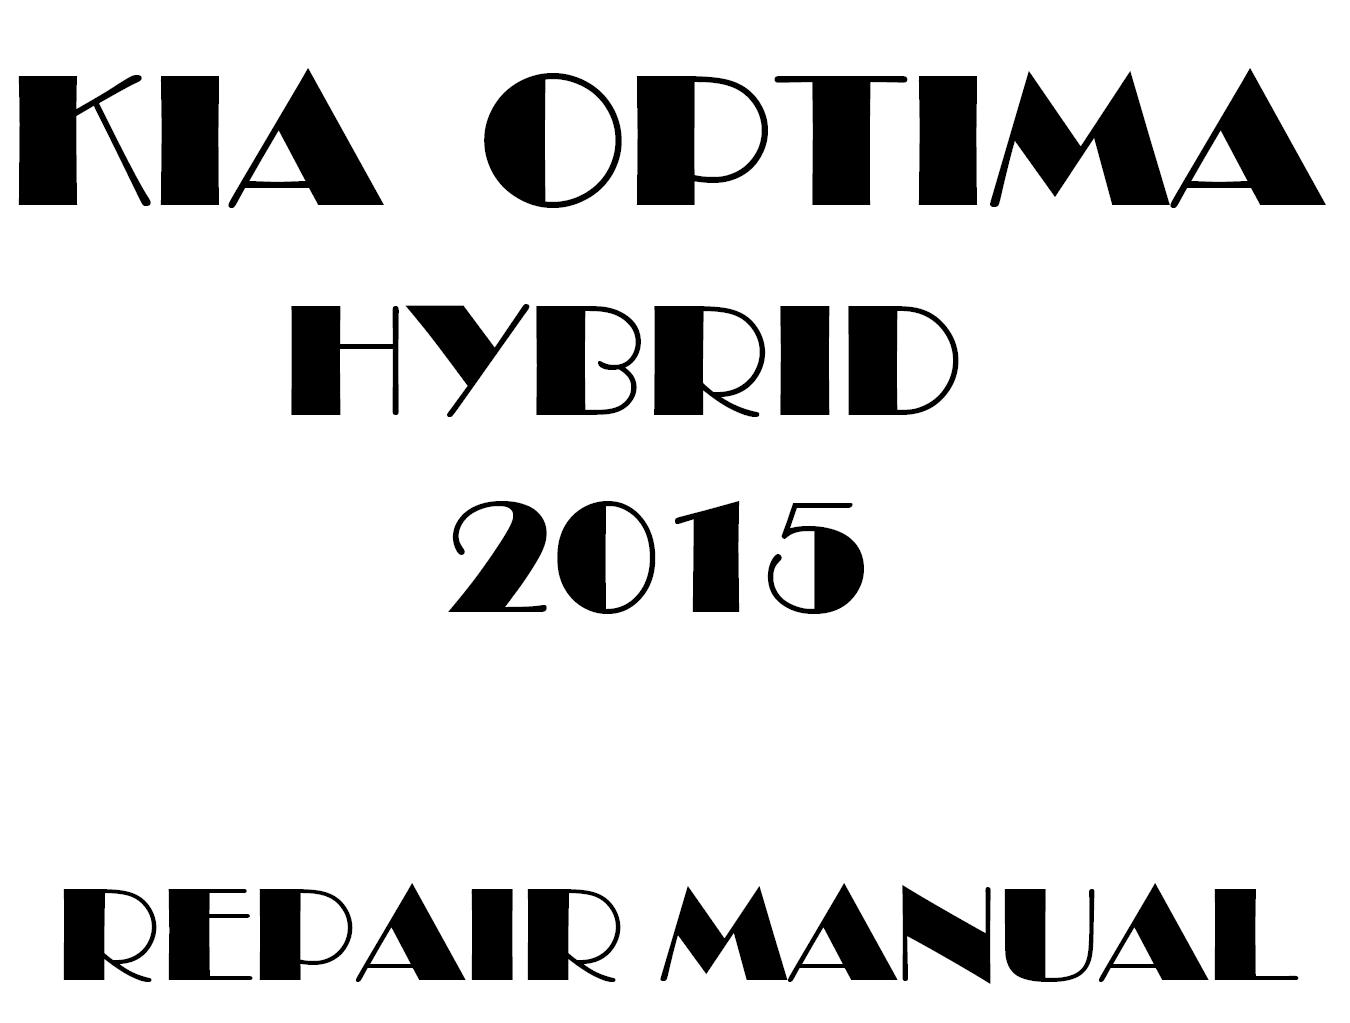 2015 Kia Optima Hybrid repair manual